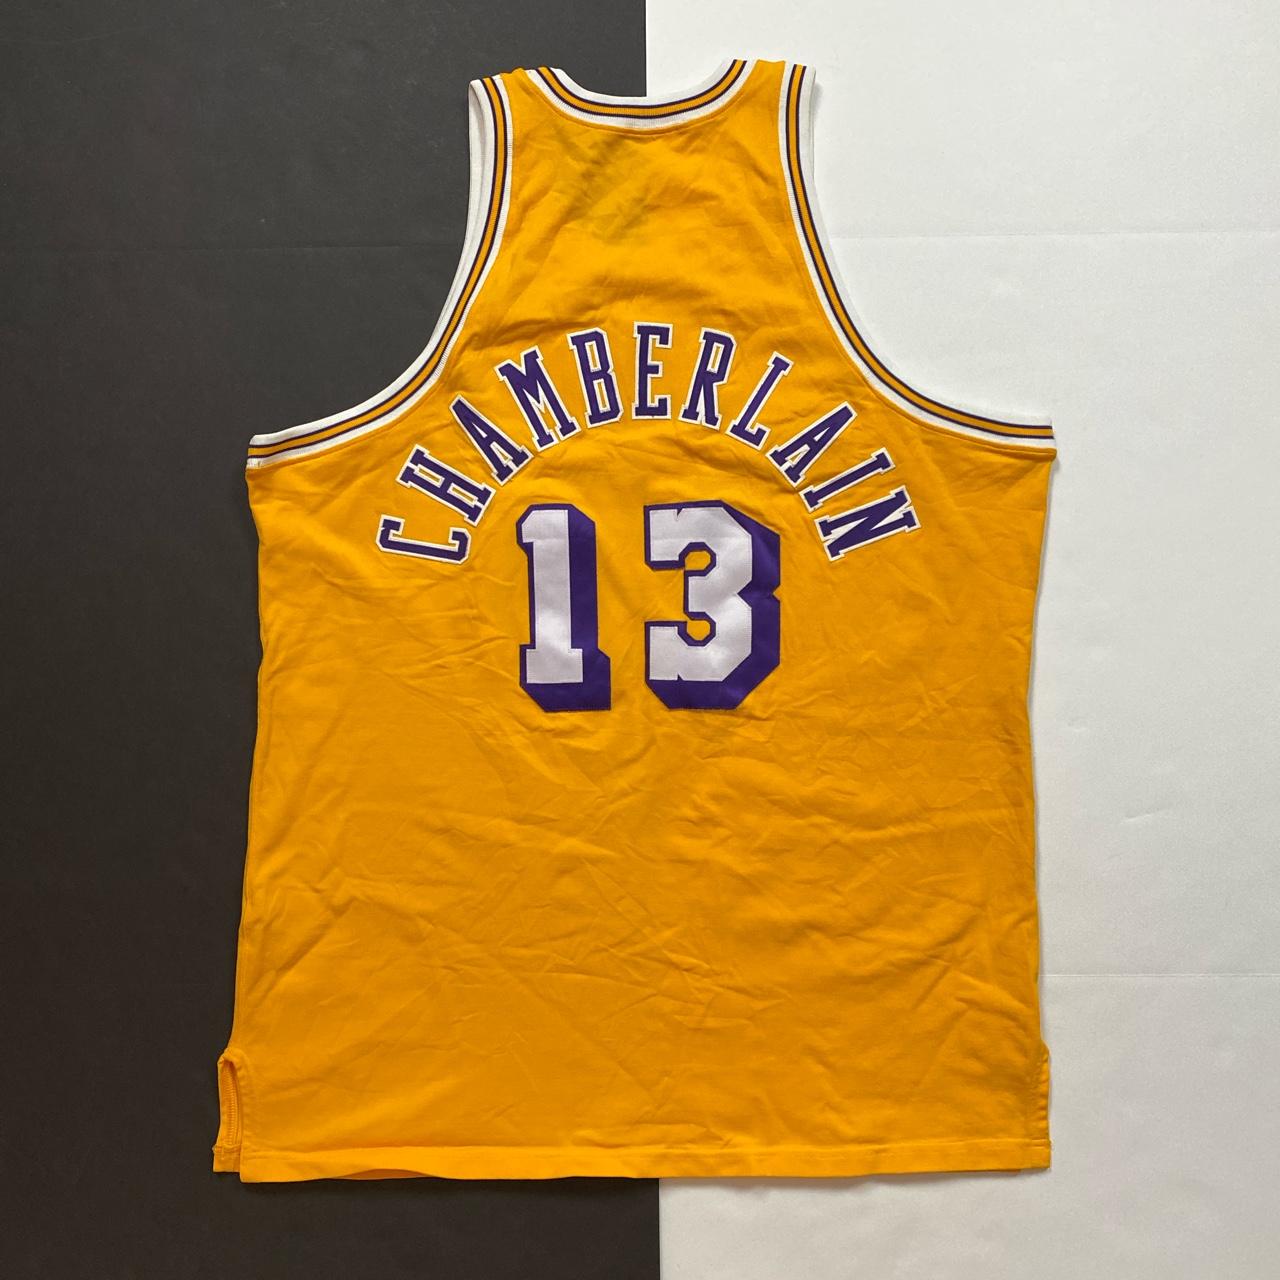 Vintage Vtg Mitchell & Ness NBA Wilt Chamberlain LA Lakers Jersey